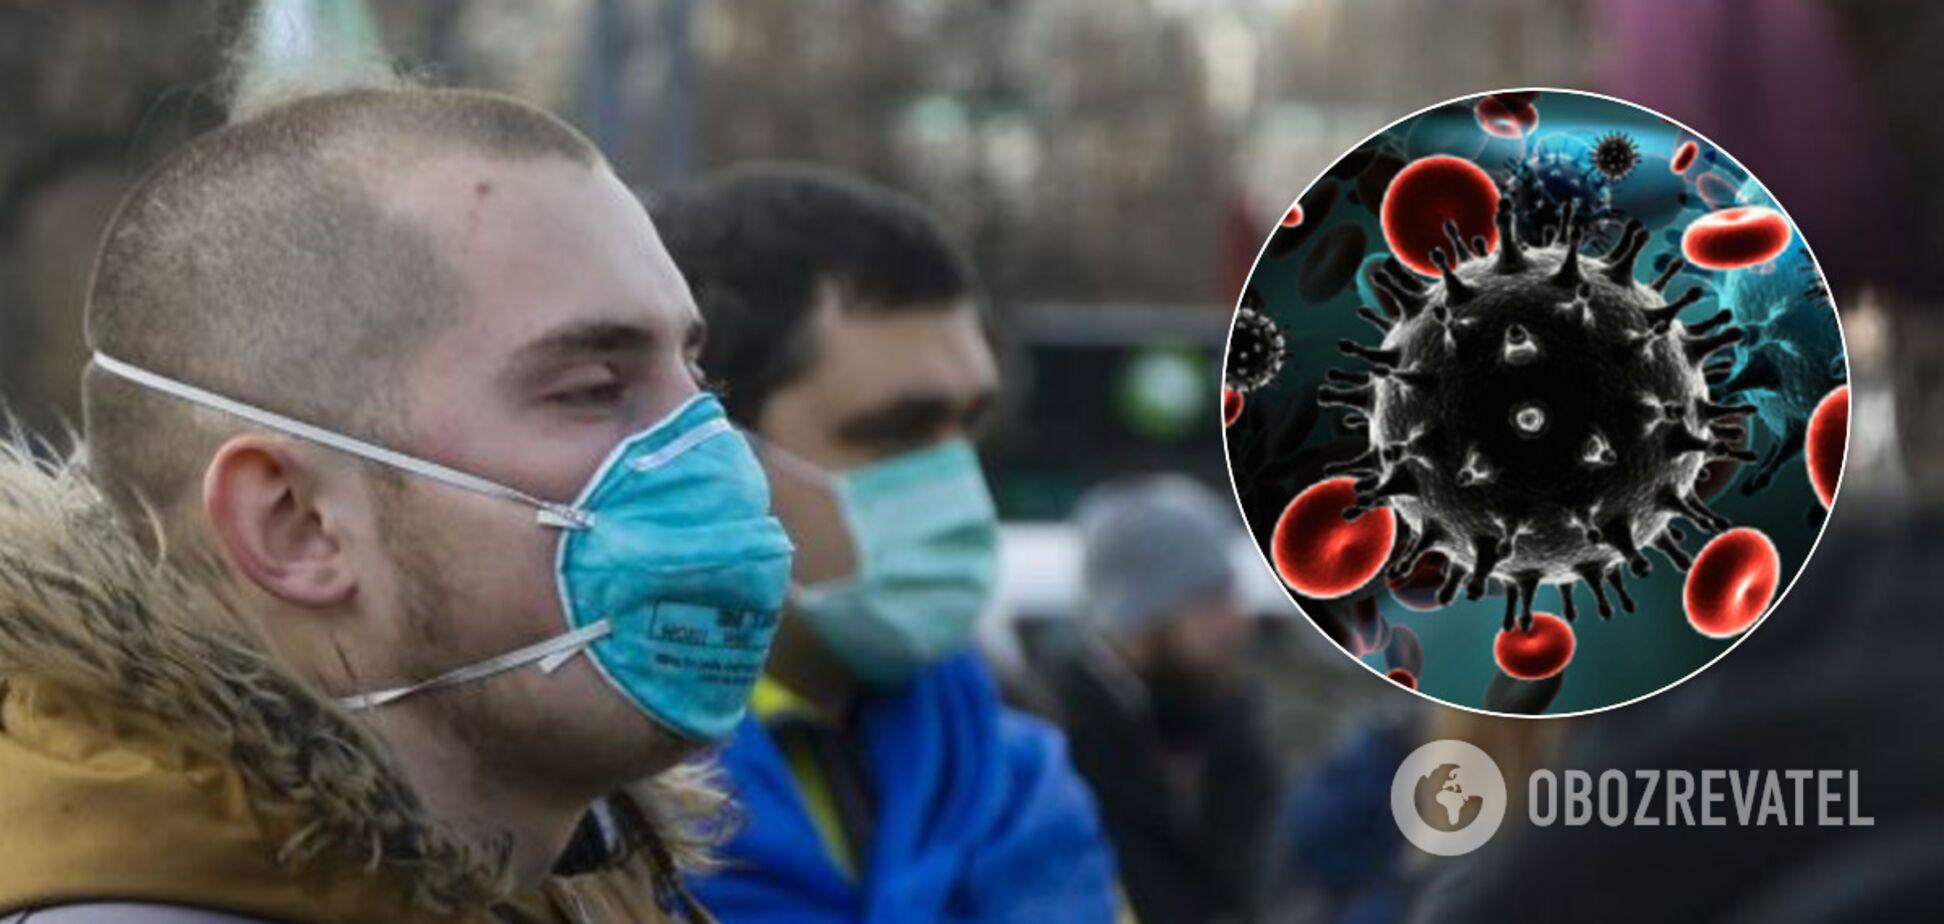 Україна має два плюси у боротьбі з COVID-19: відомий інфекціоніст назвав 'козирі'